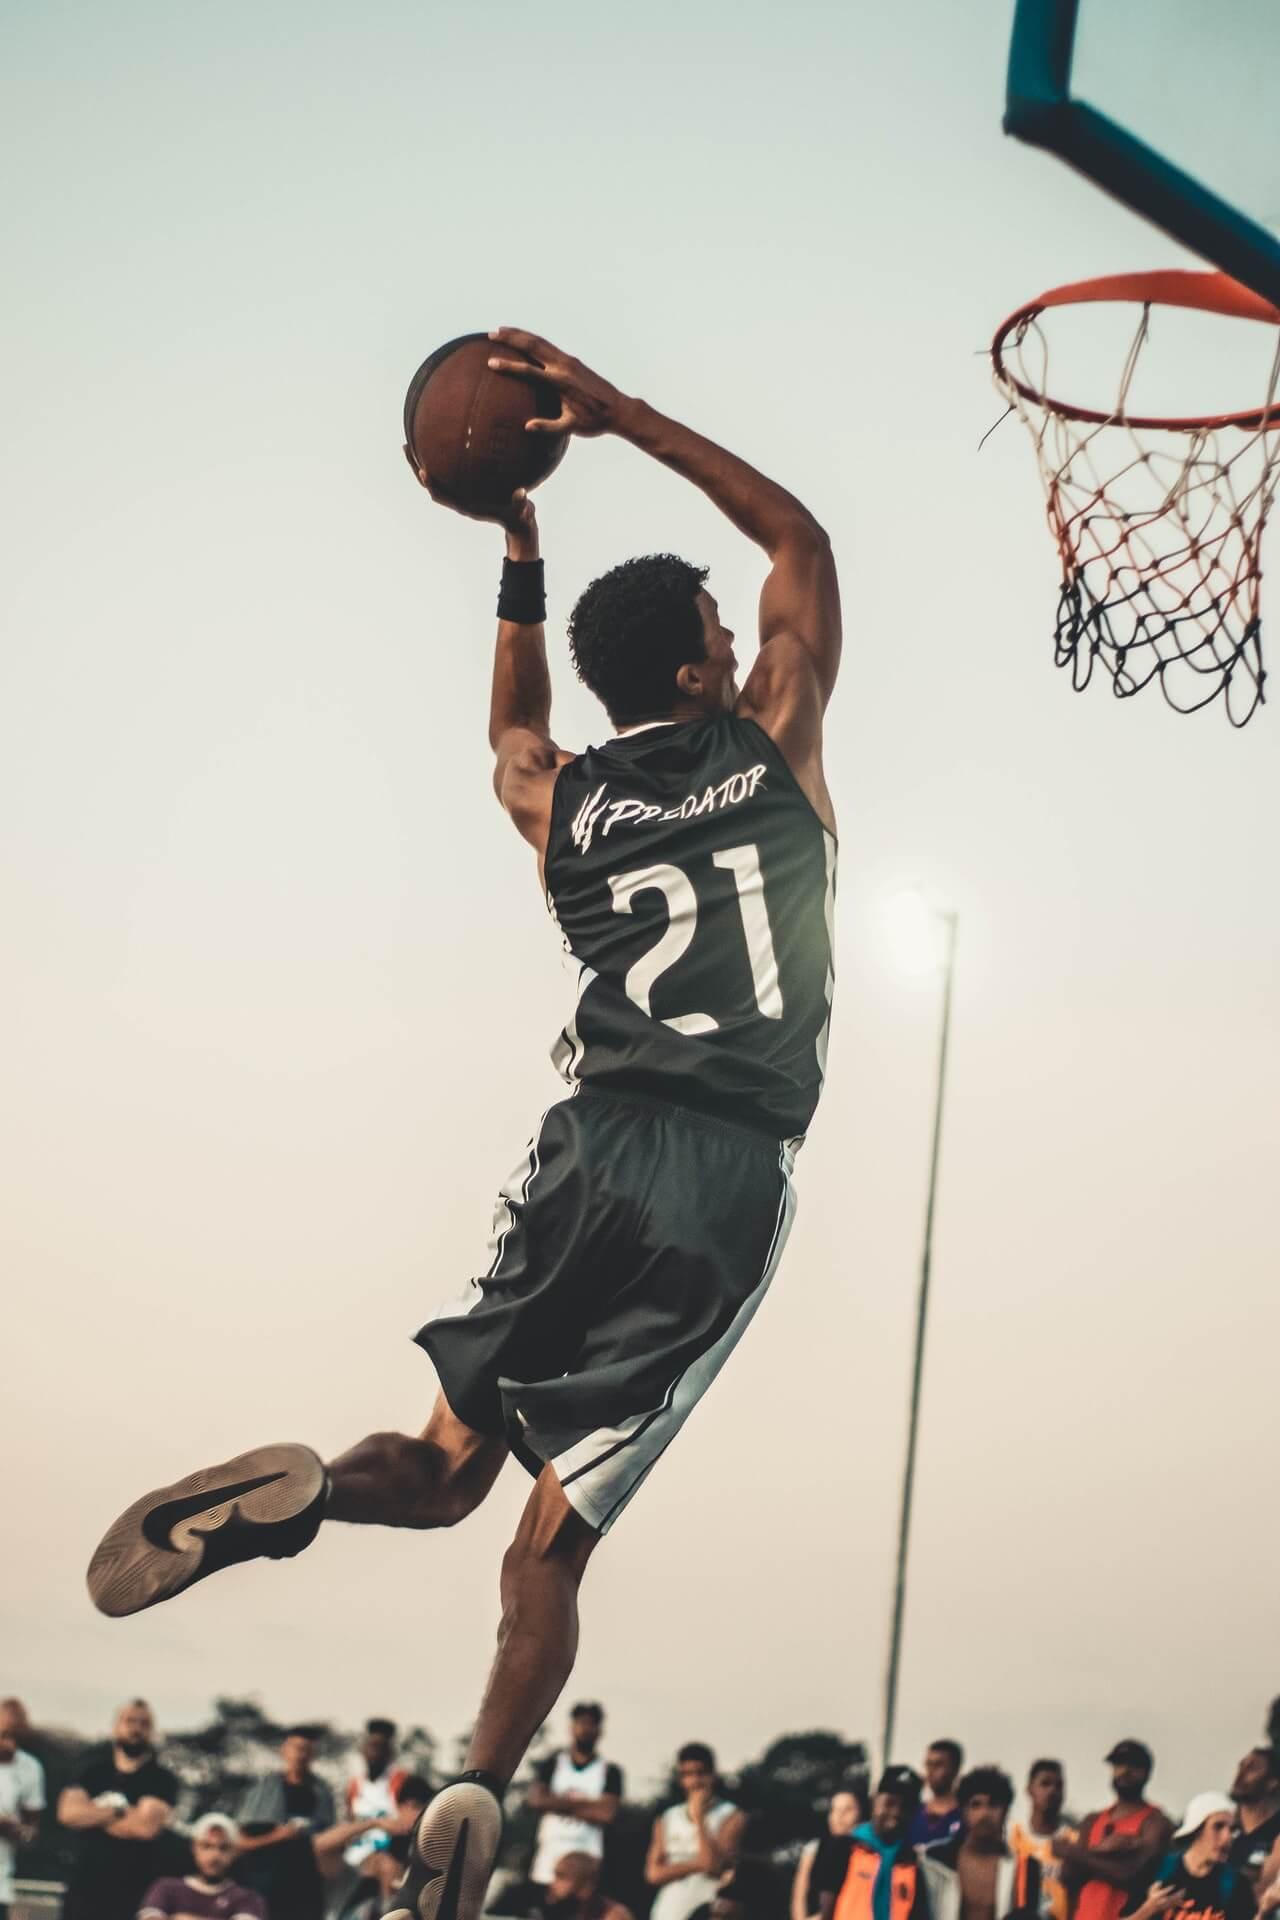 Lesiones comunes en el baloncesto